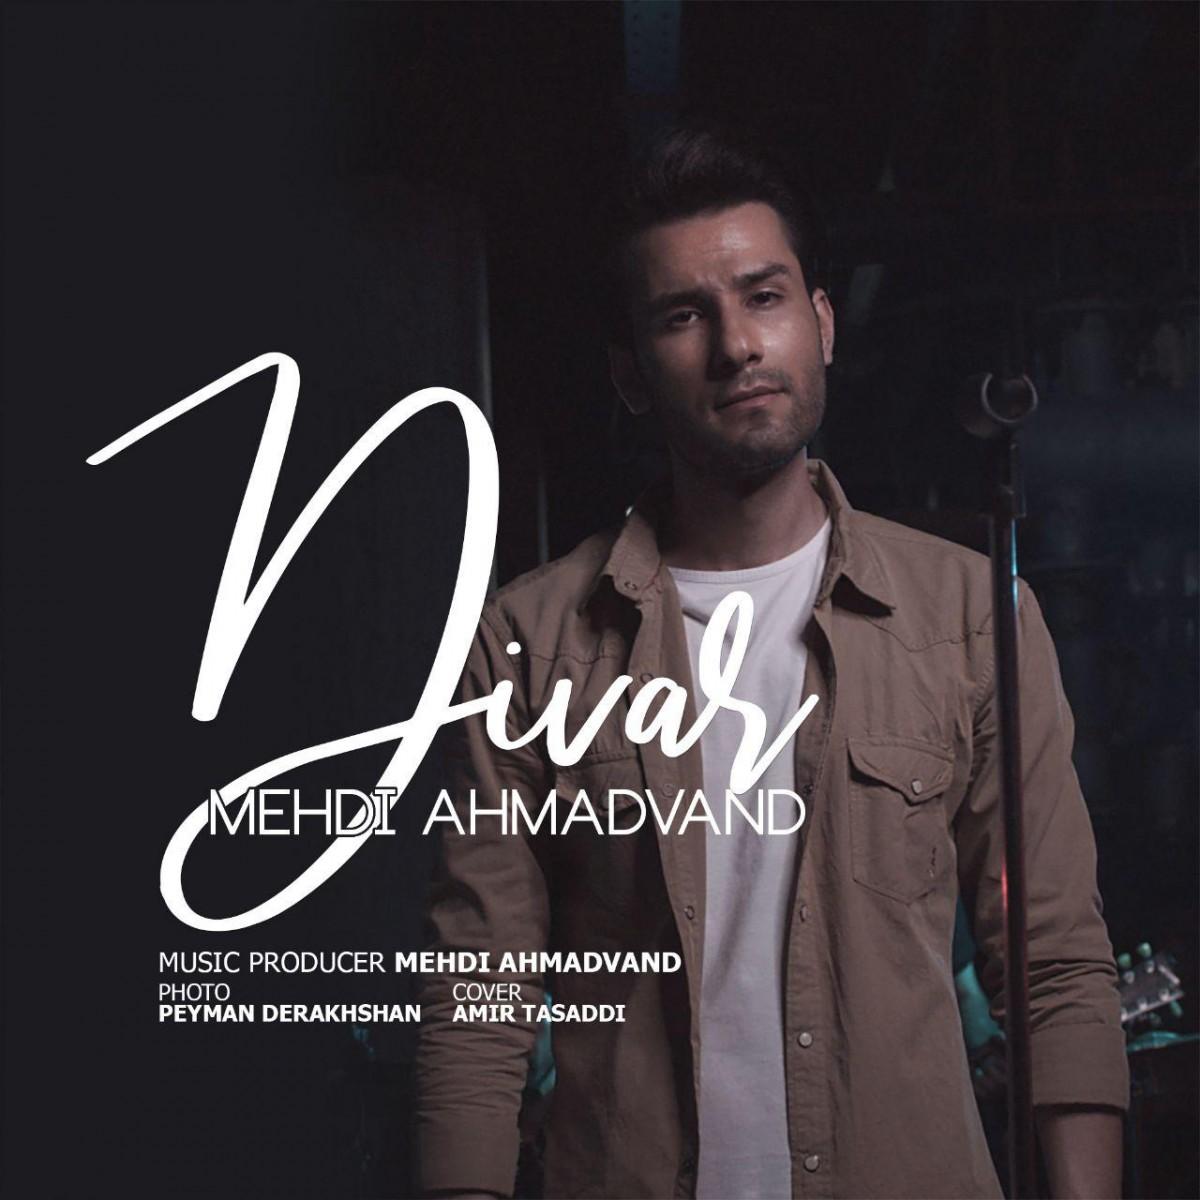 نامبر وان موزیک | دانلود آهنگ جدید Mehdi-Ahmadvand-Divar